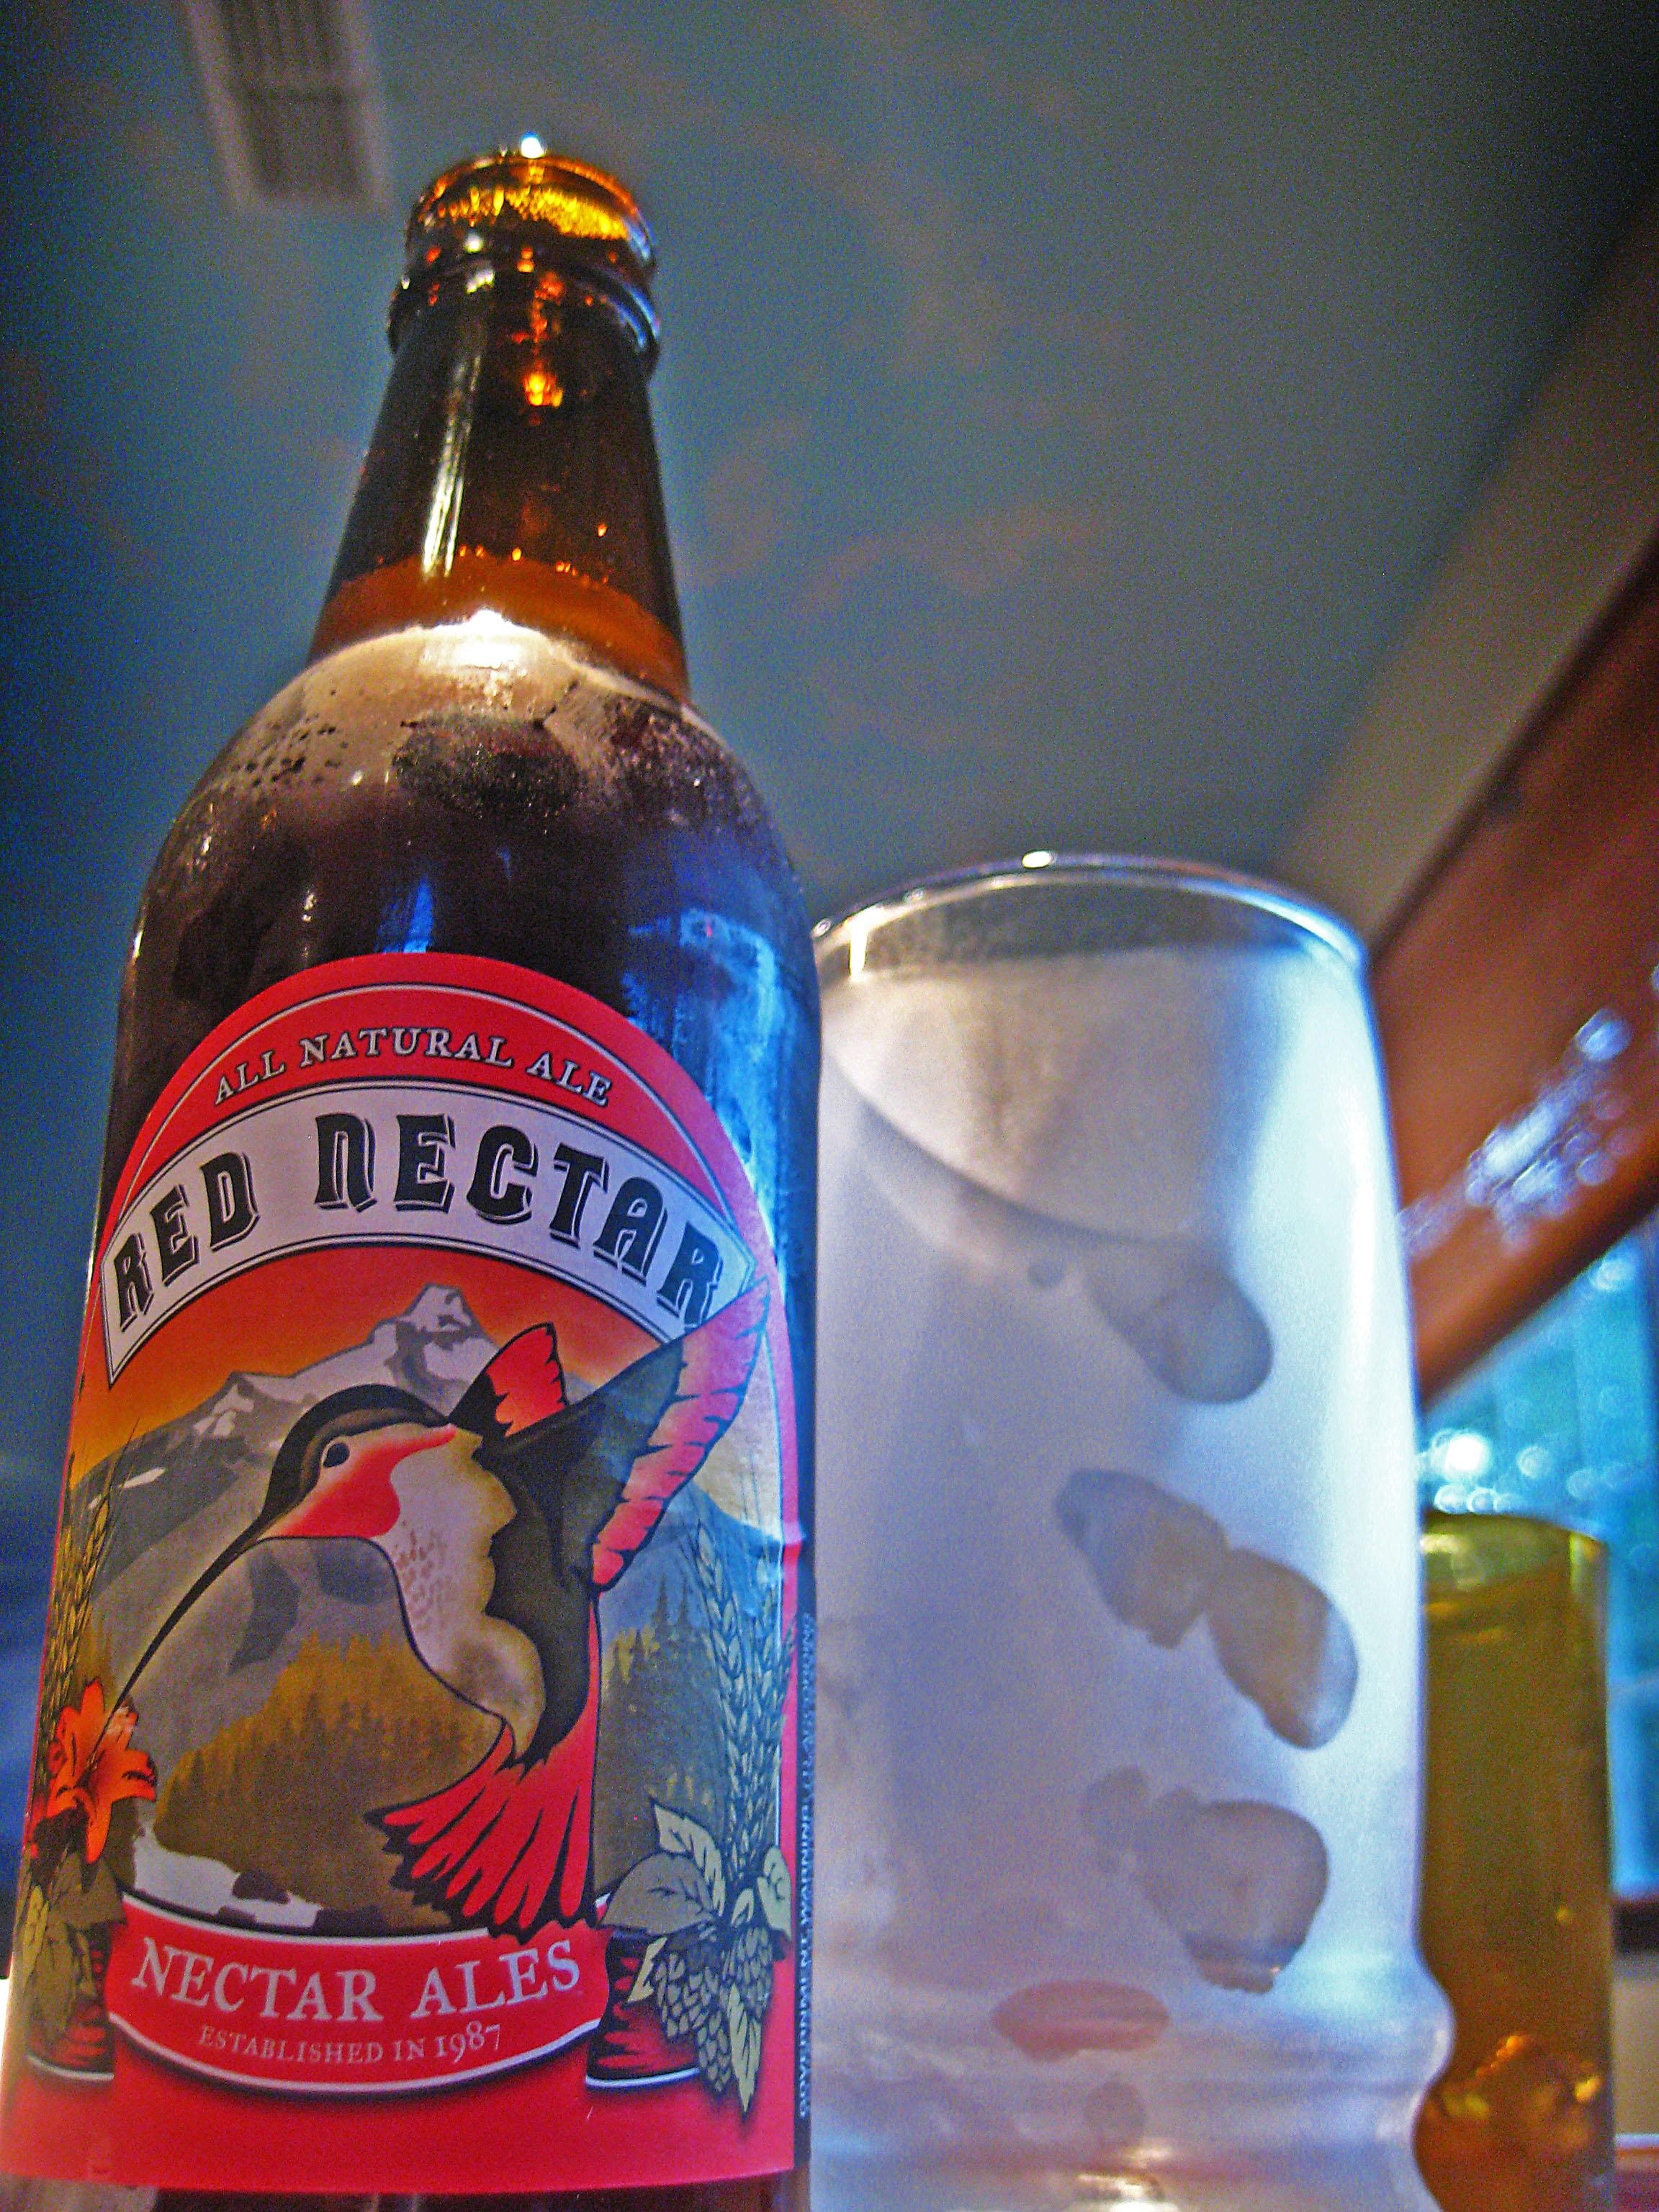 My salvation, beer.